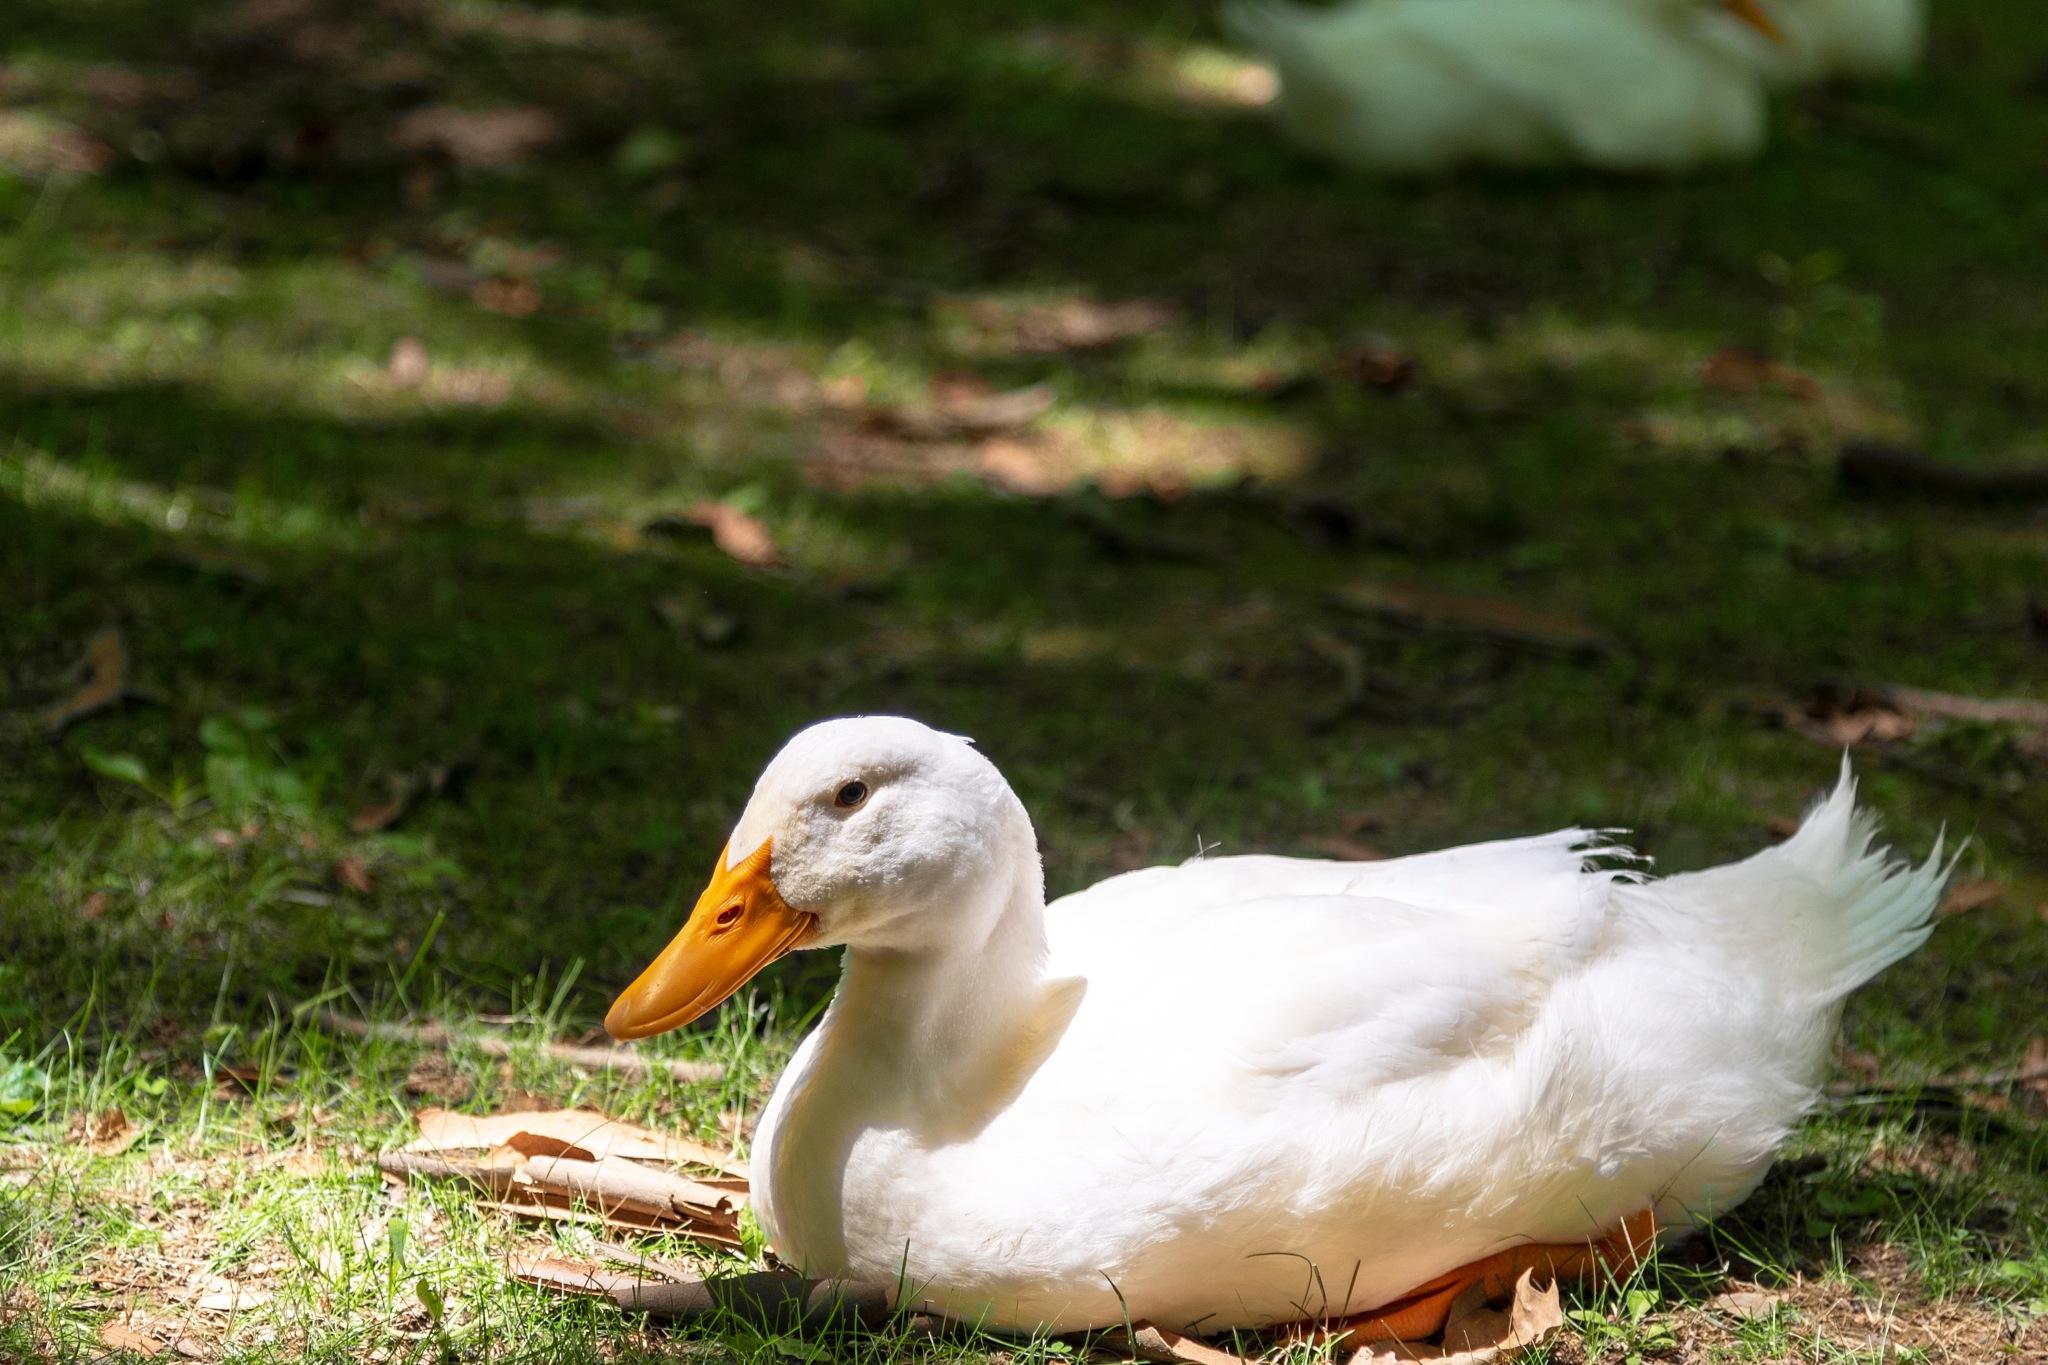 Ilick's Mill Park Ducks 003 by PennyG